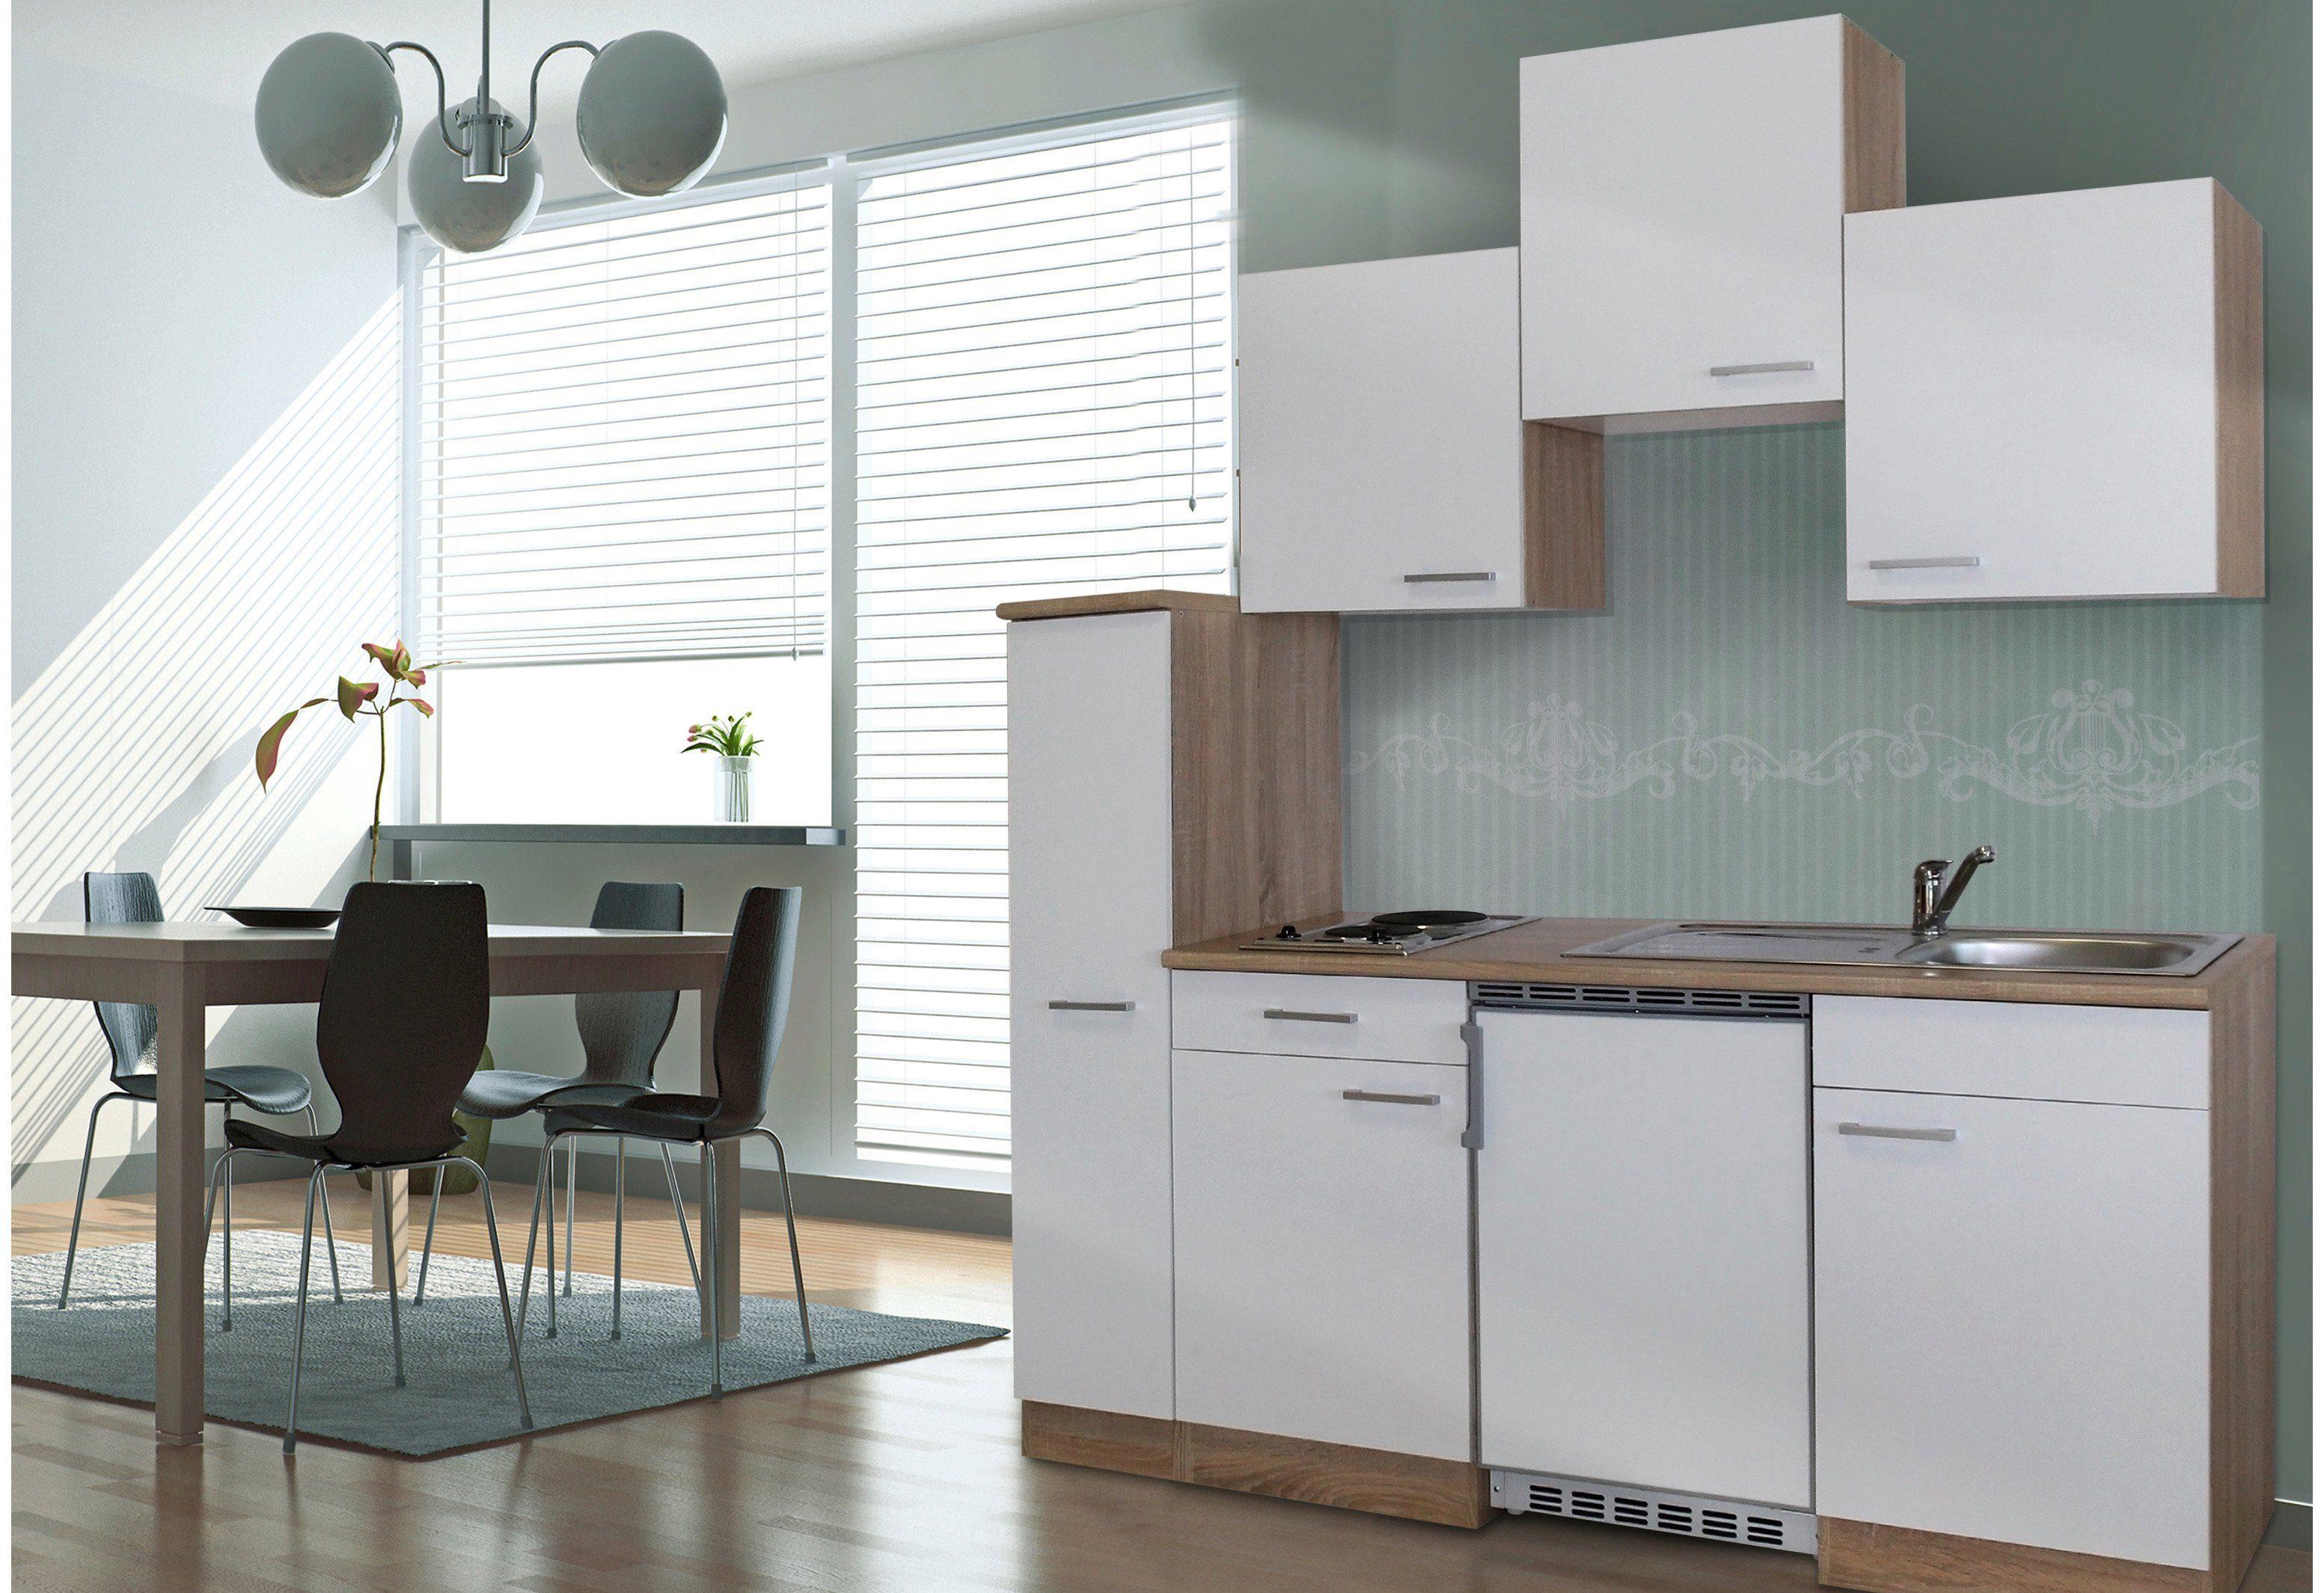 Miniküche Mit Kühlschrank 180 Cm : Respekta miniküche mit e geräten breite cm otto